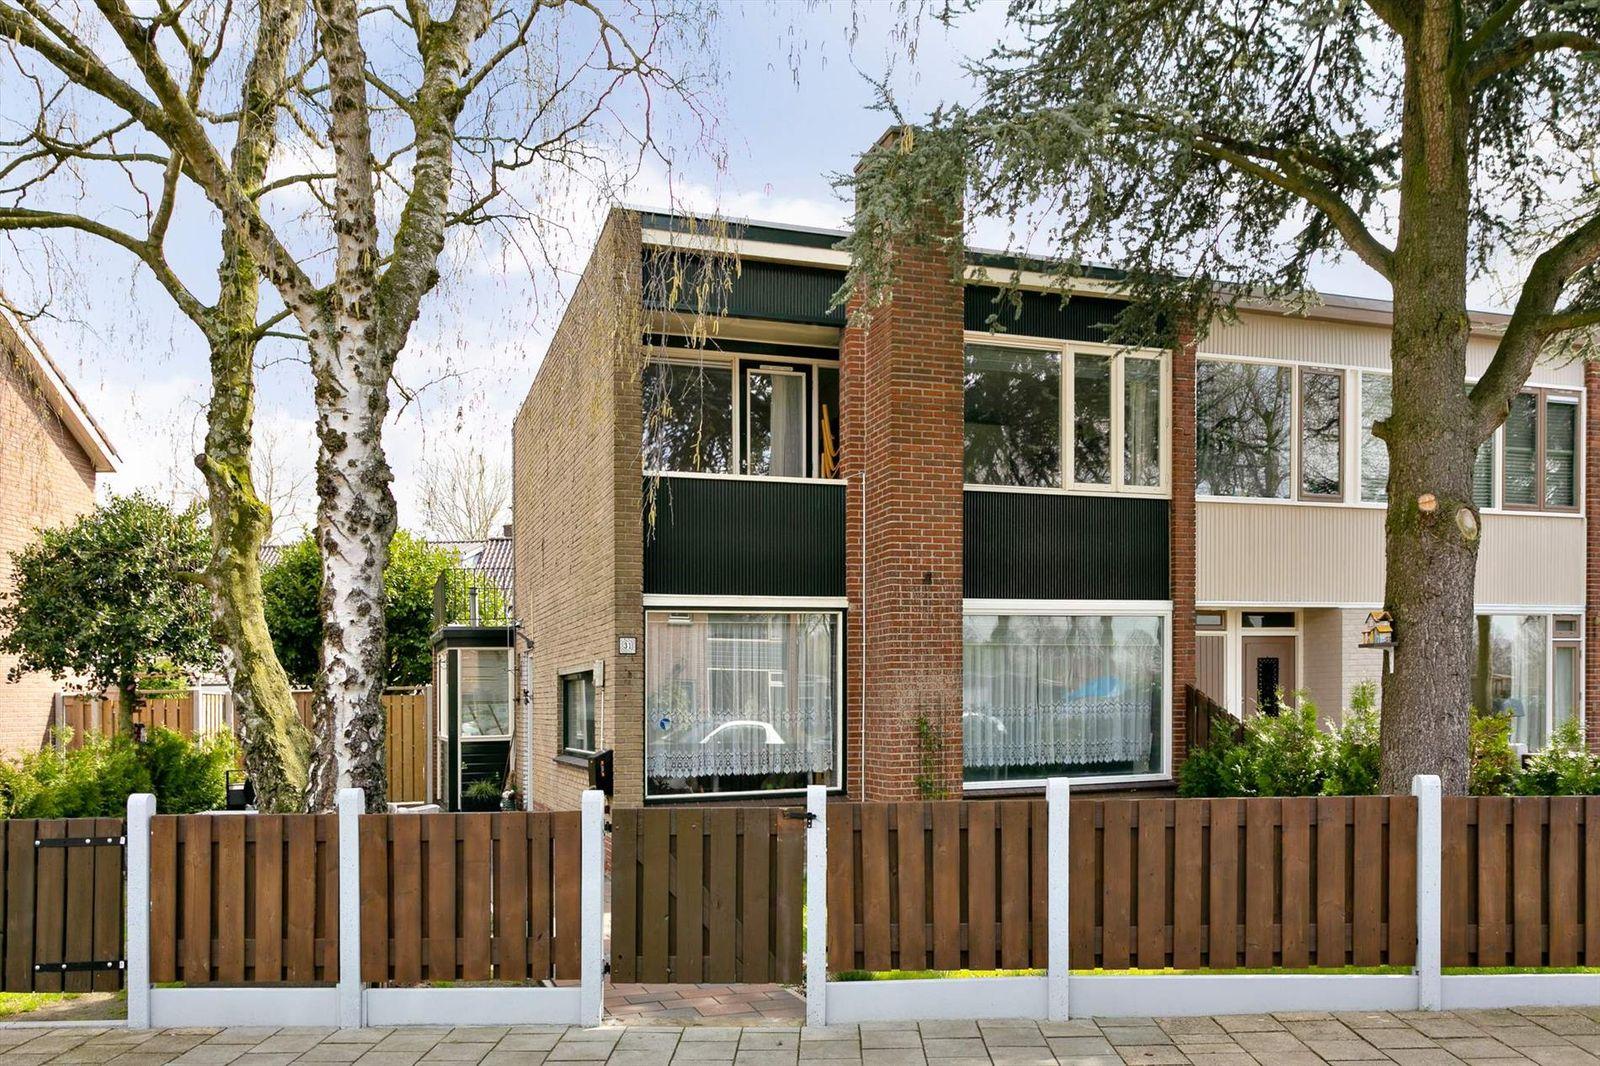 van Kolstraat 31, Zutphen